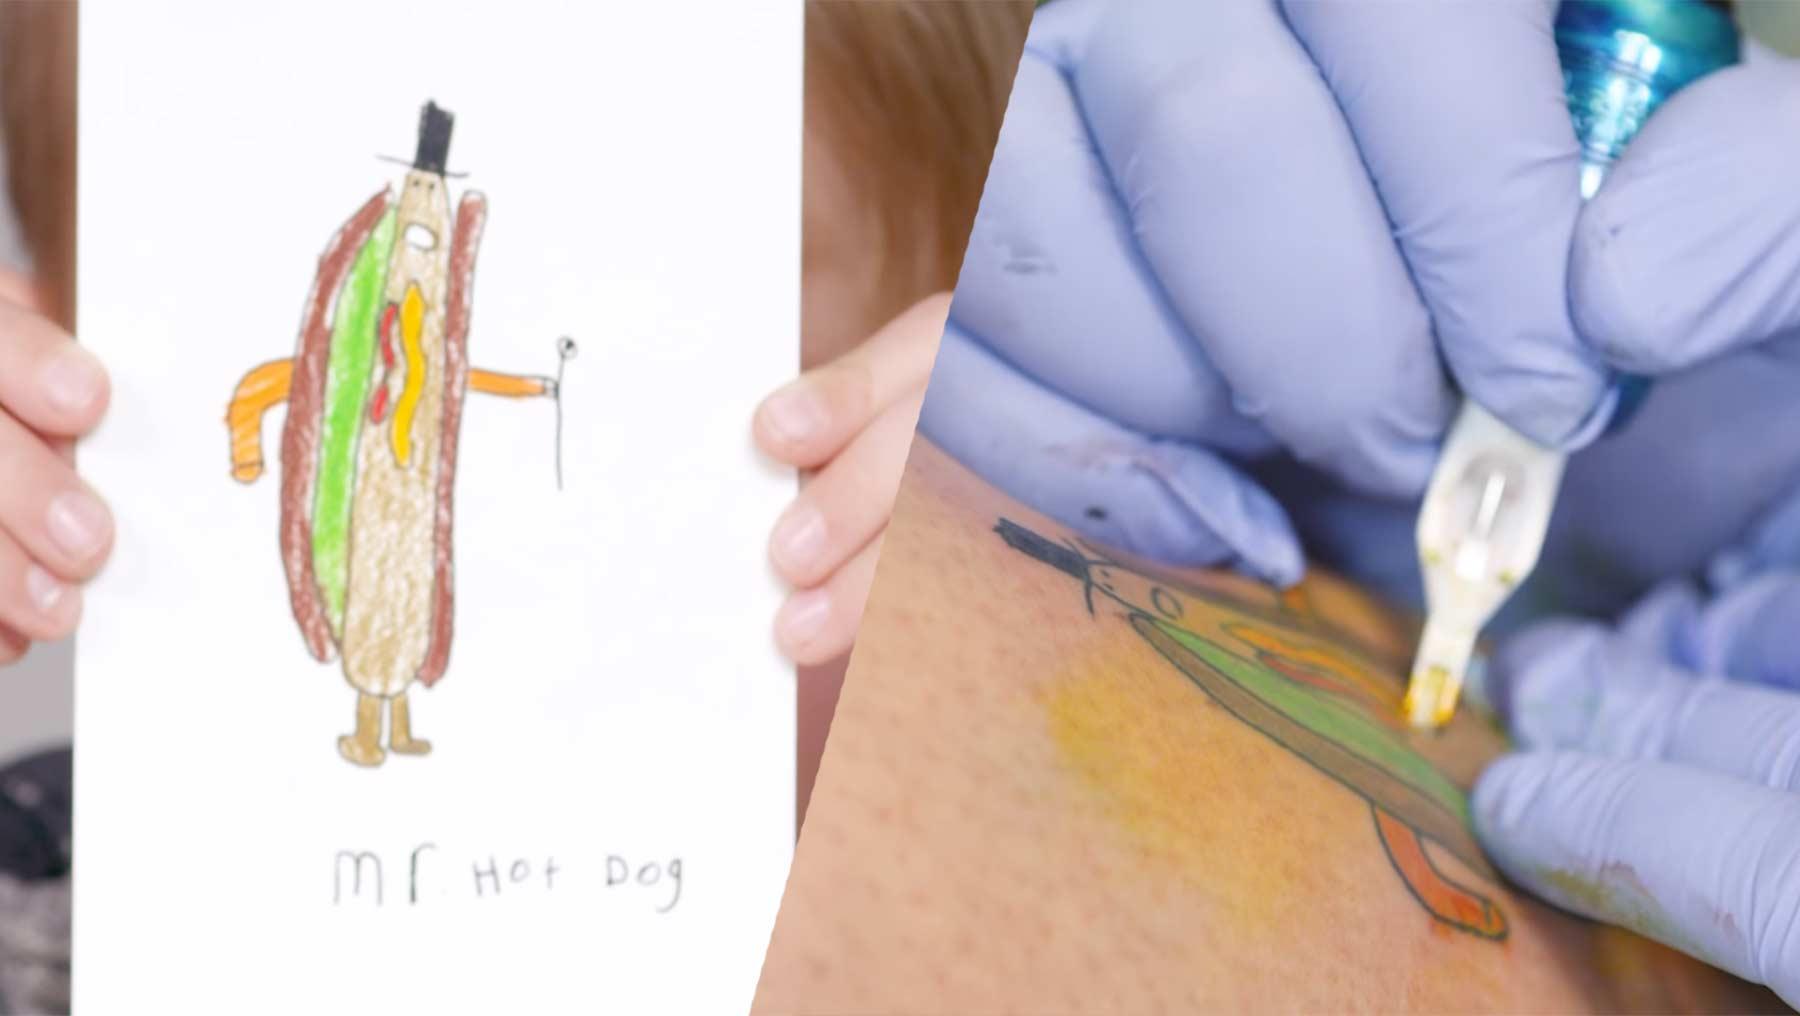 Kinder dürfen Tattoos ihrer Eltern malen kinder-malen-tatoos